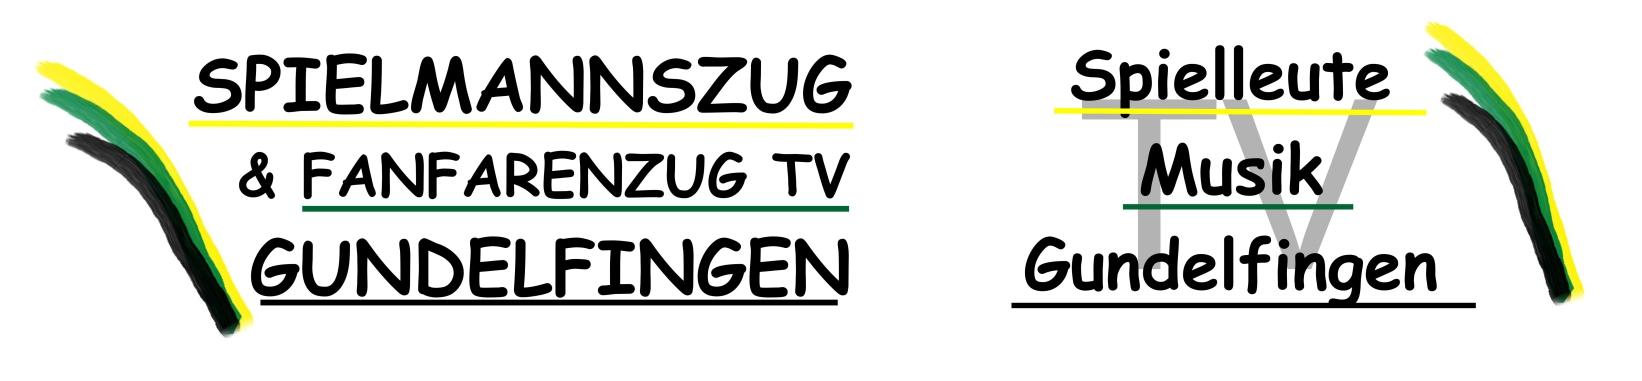 TV Gundelfingen Abt. SPIELMANNSZUG